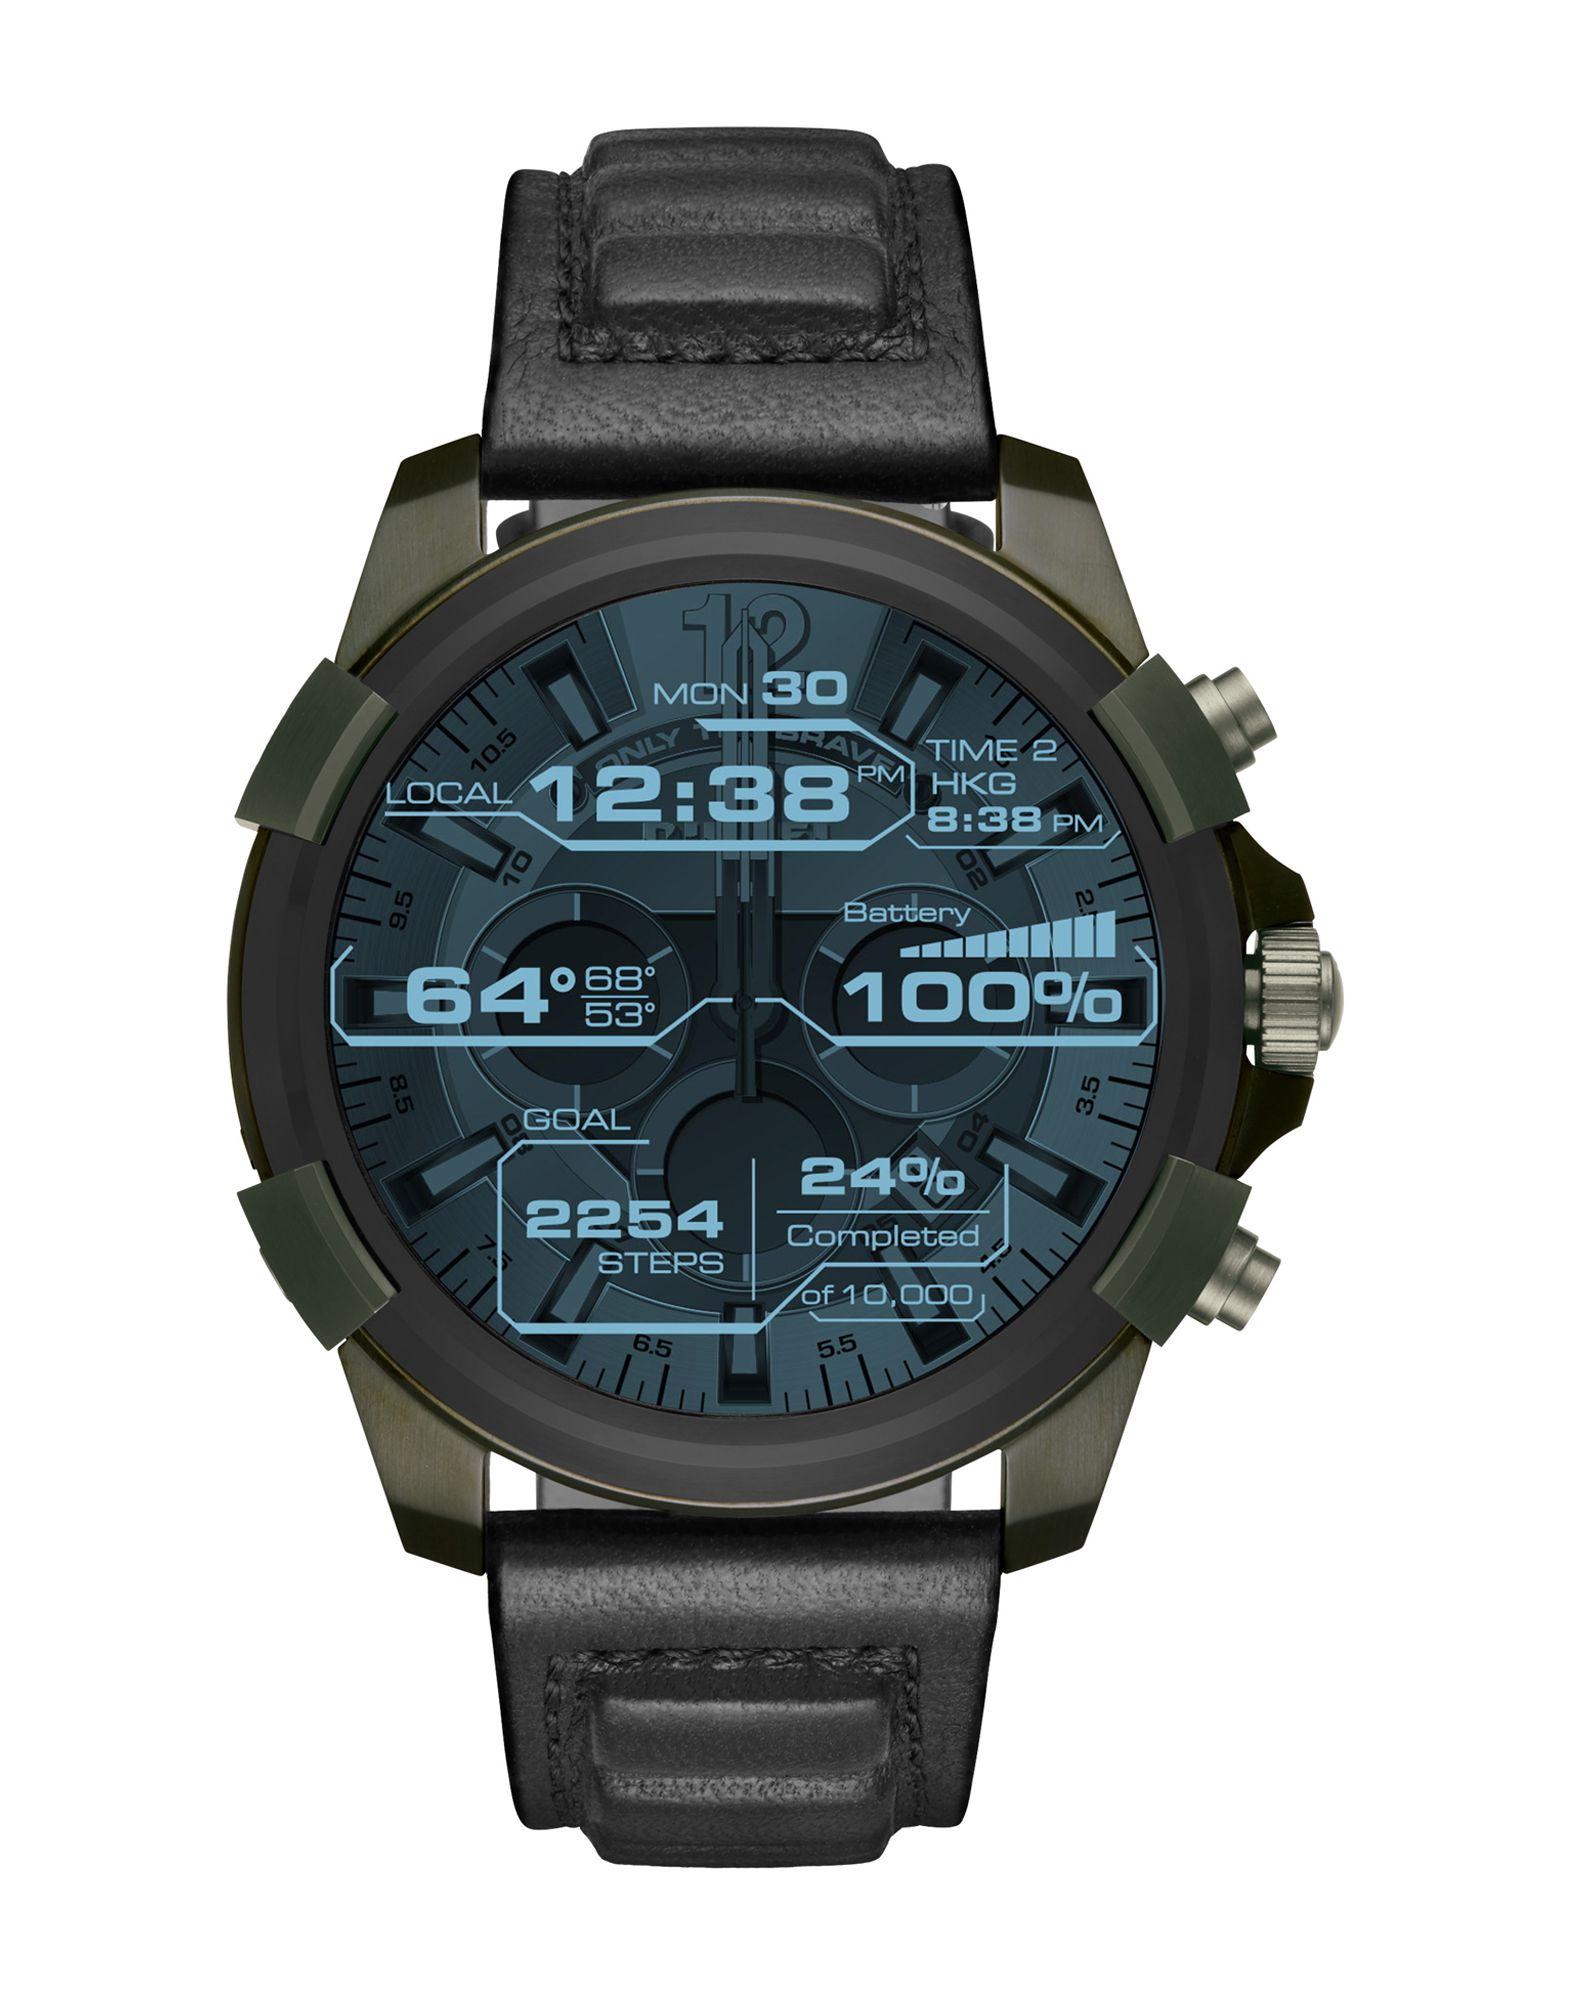 DIESEL ON Herren Smartwatch Farbe Schwarz Größe 1 - broschei